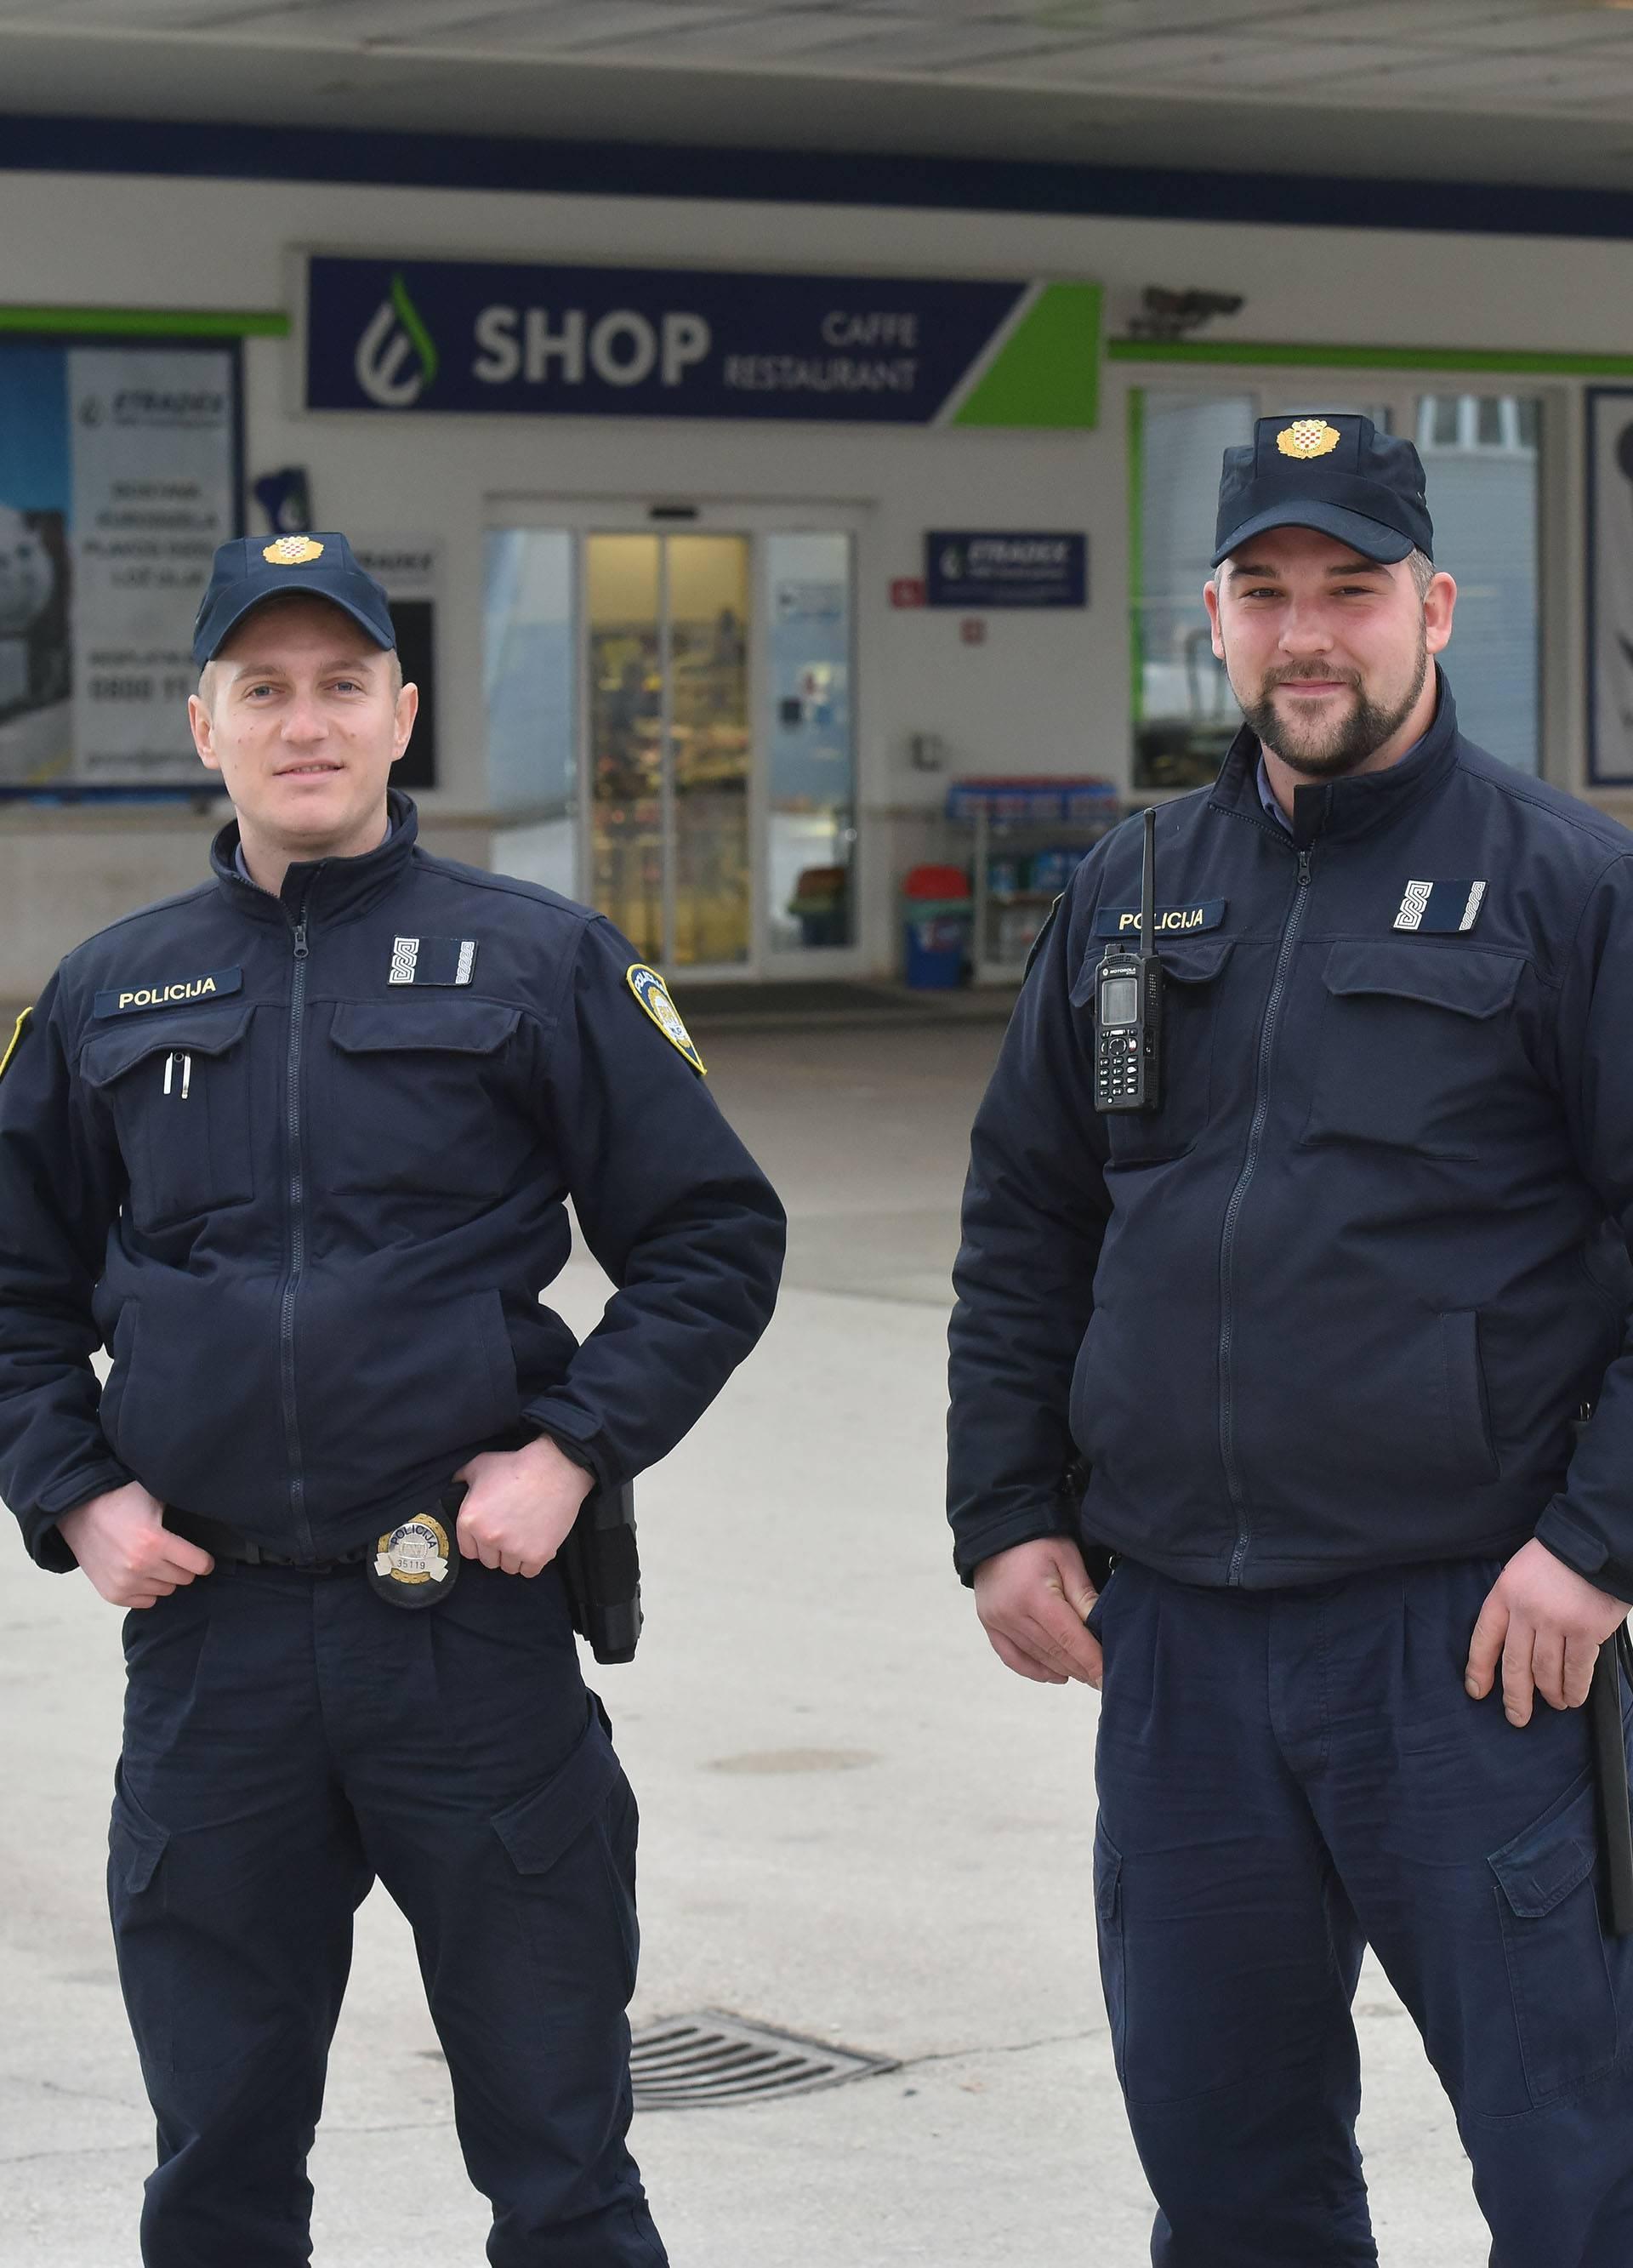 Djelatnika pumpe oživljavali 40 minuta: 'Policajci, vi ste heroji'